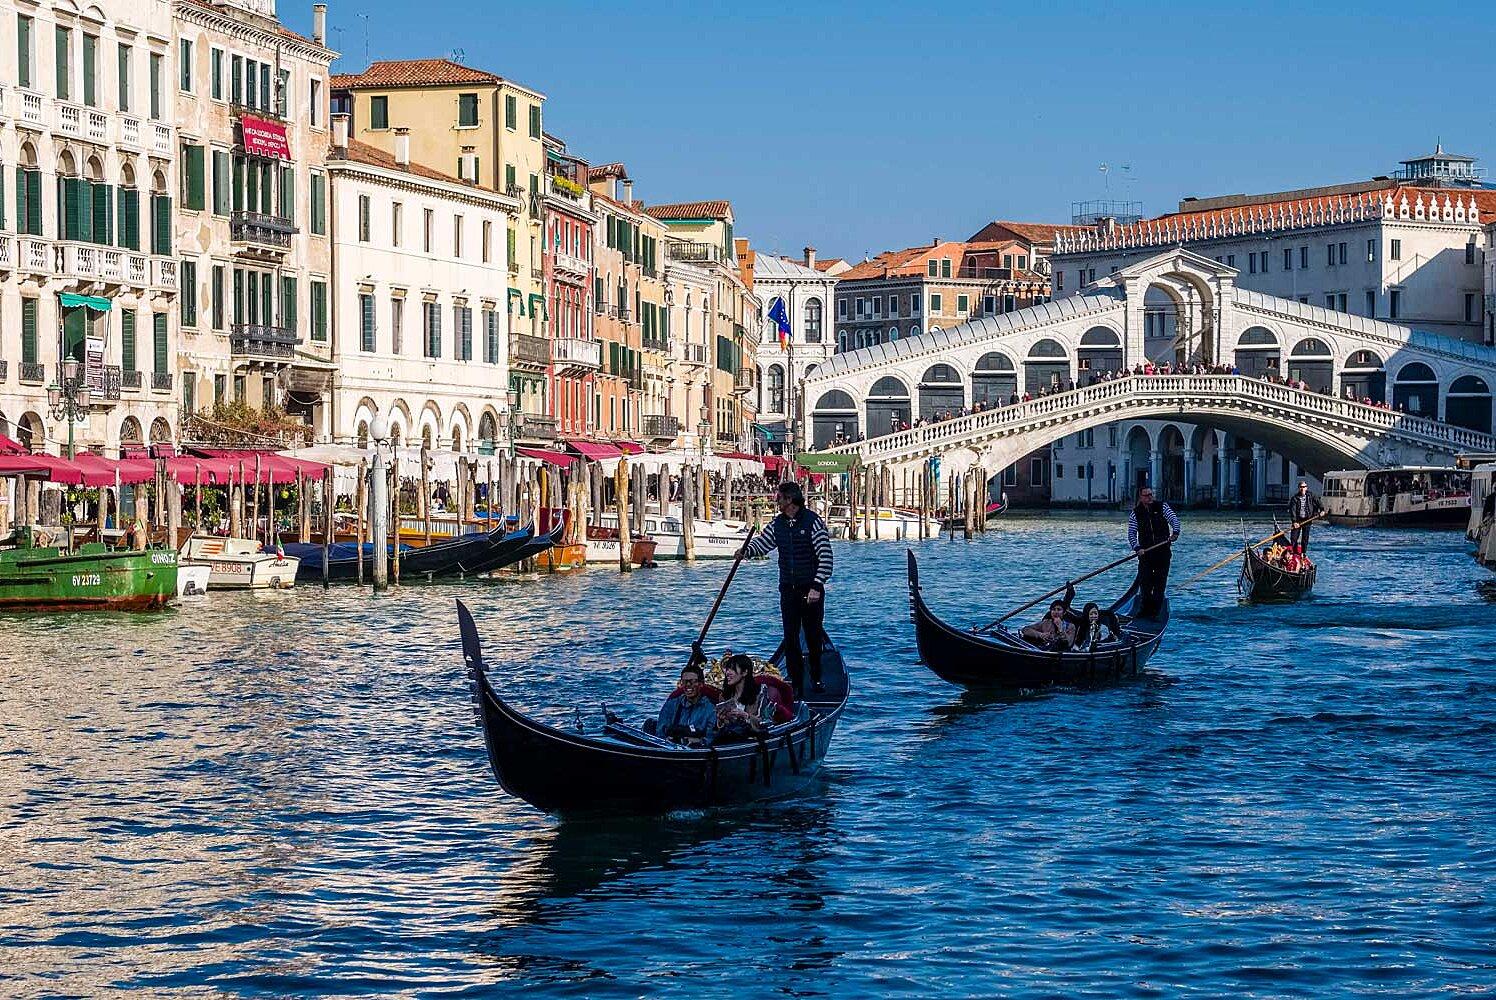 Ảnh ngồi Gondola thường ngoạn vẻ đẹp lãng mạn của Venice